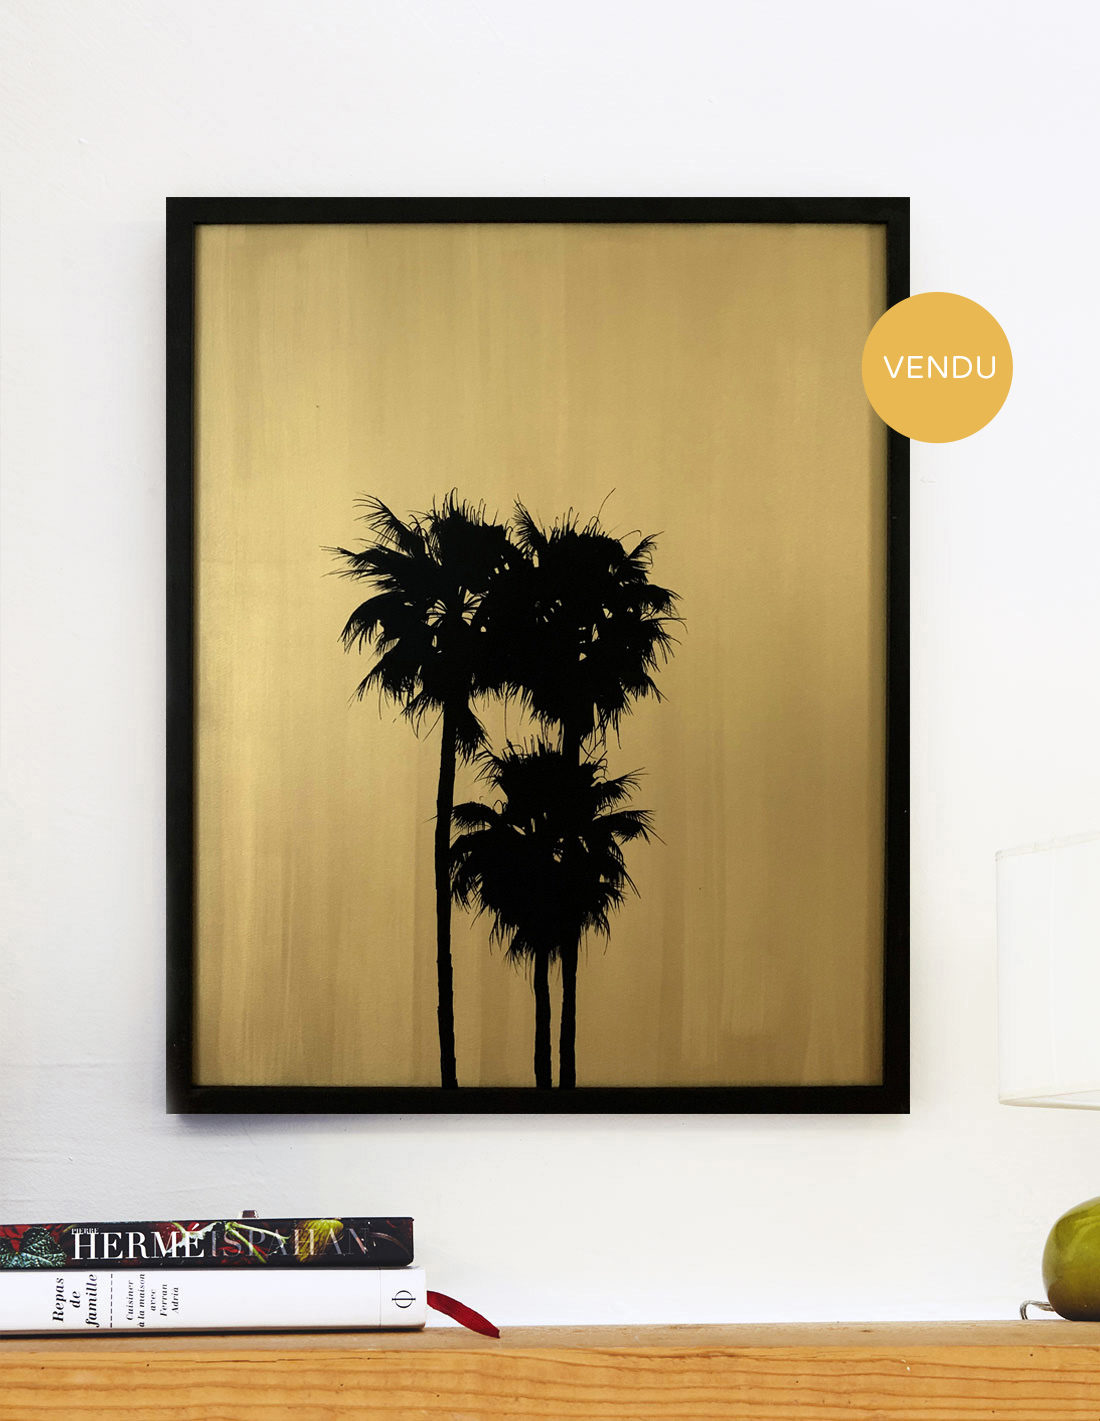 Huvert Jouzeau - Moyen Palmtree